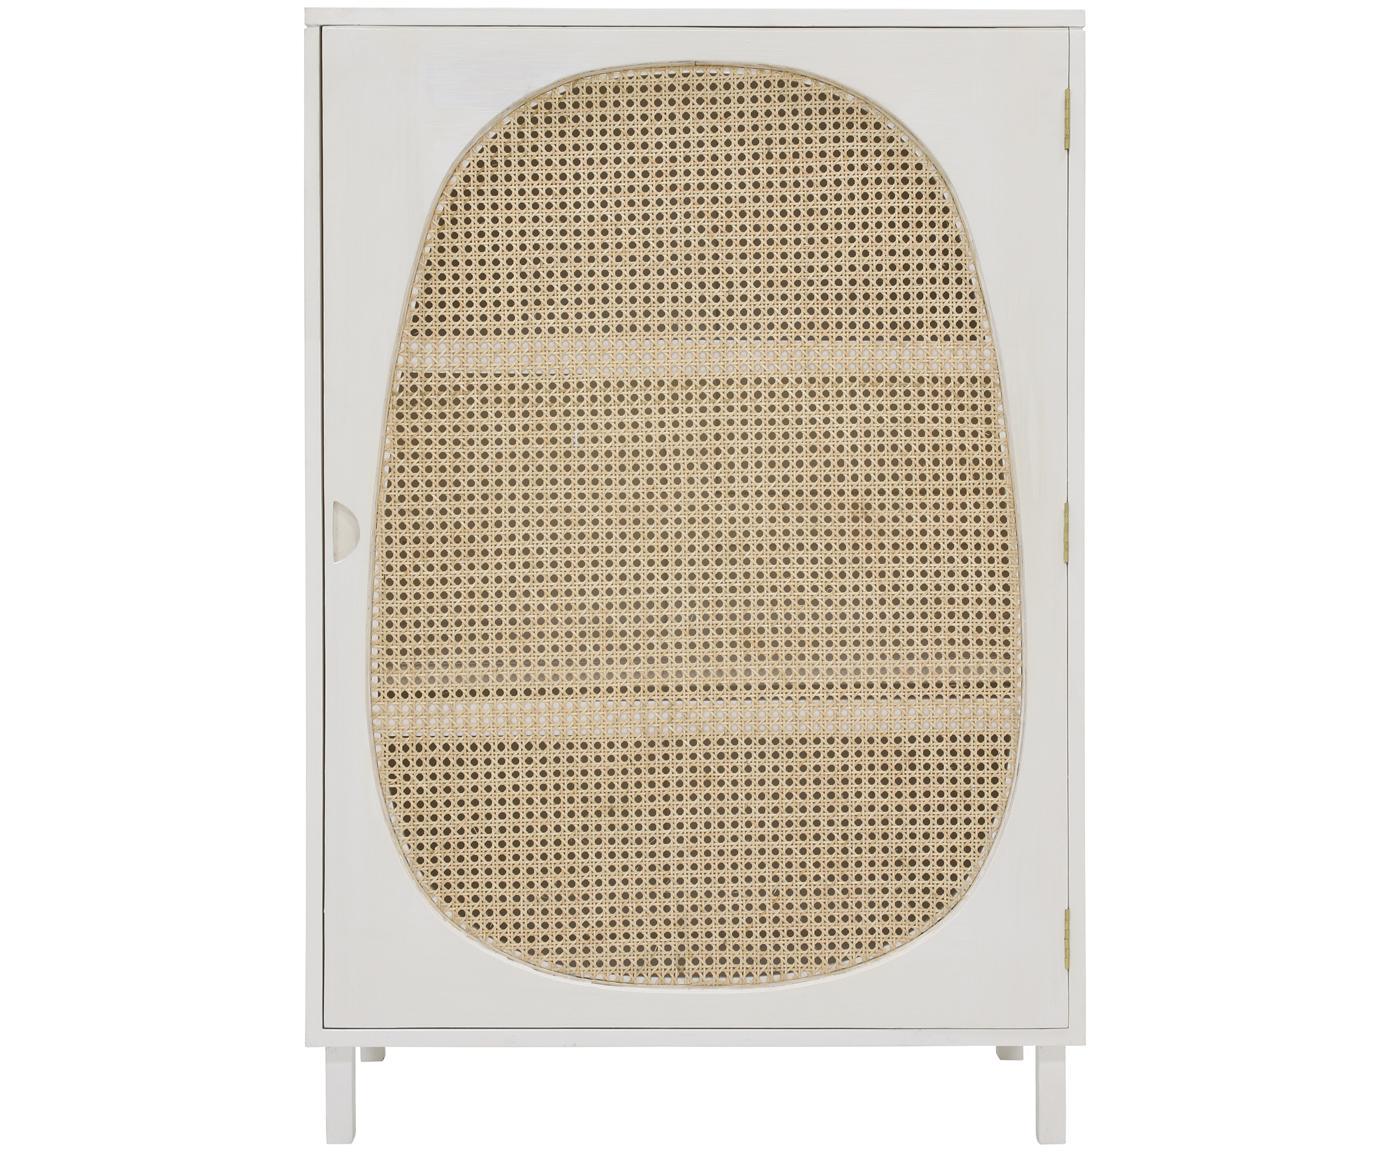 Kast Retro met Weens vlechtwerk, Handvatten: gecoat metaal, Oud wit, beige, 85 x 122 cm